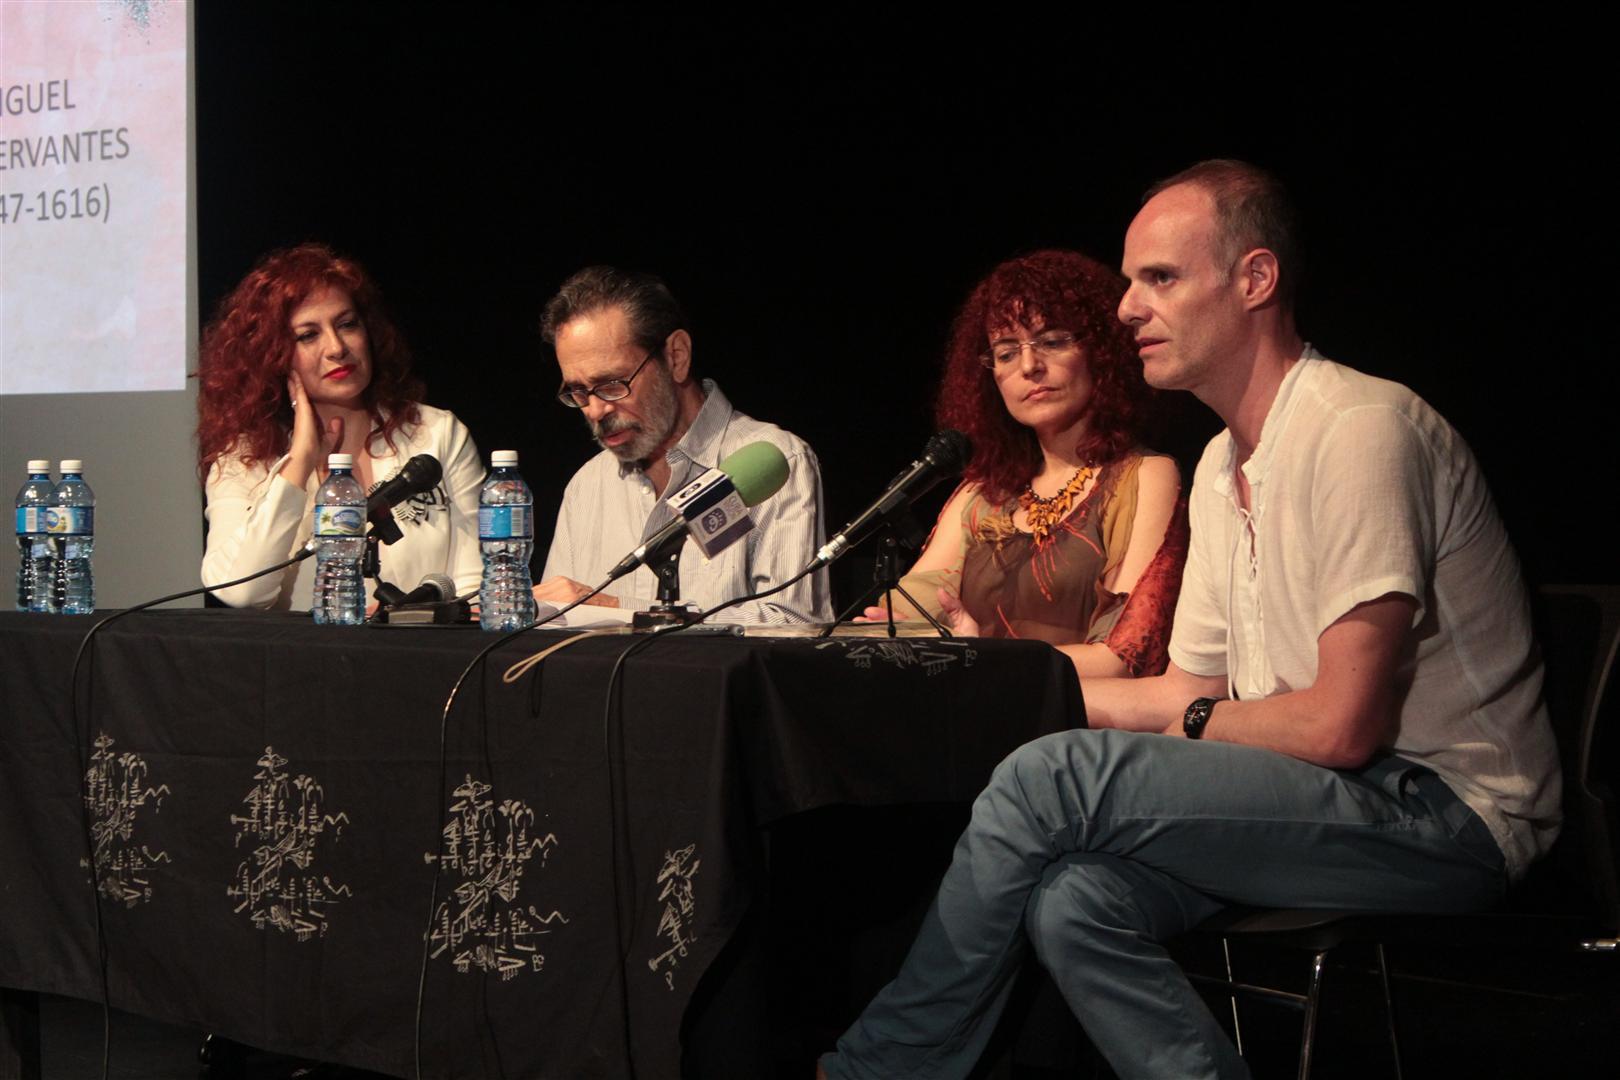 De izquierda a derecha: Pilar Jurado, Leo Brouwer, Isabel Hernández y Ricardo Gallén